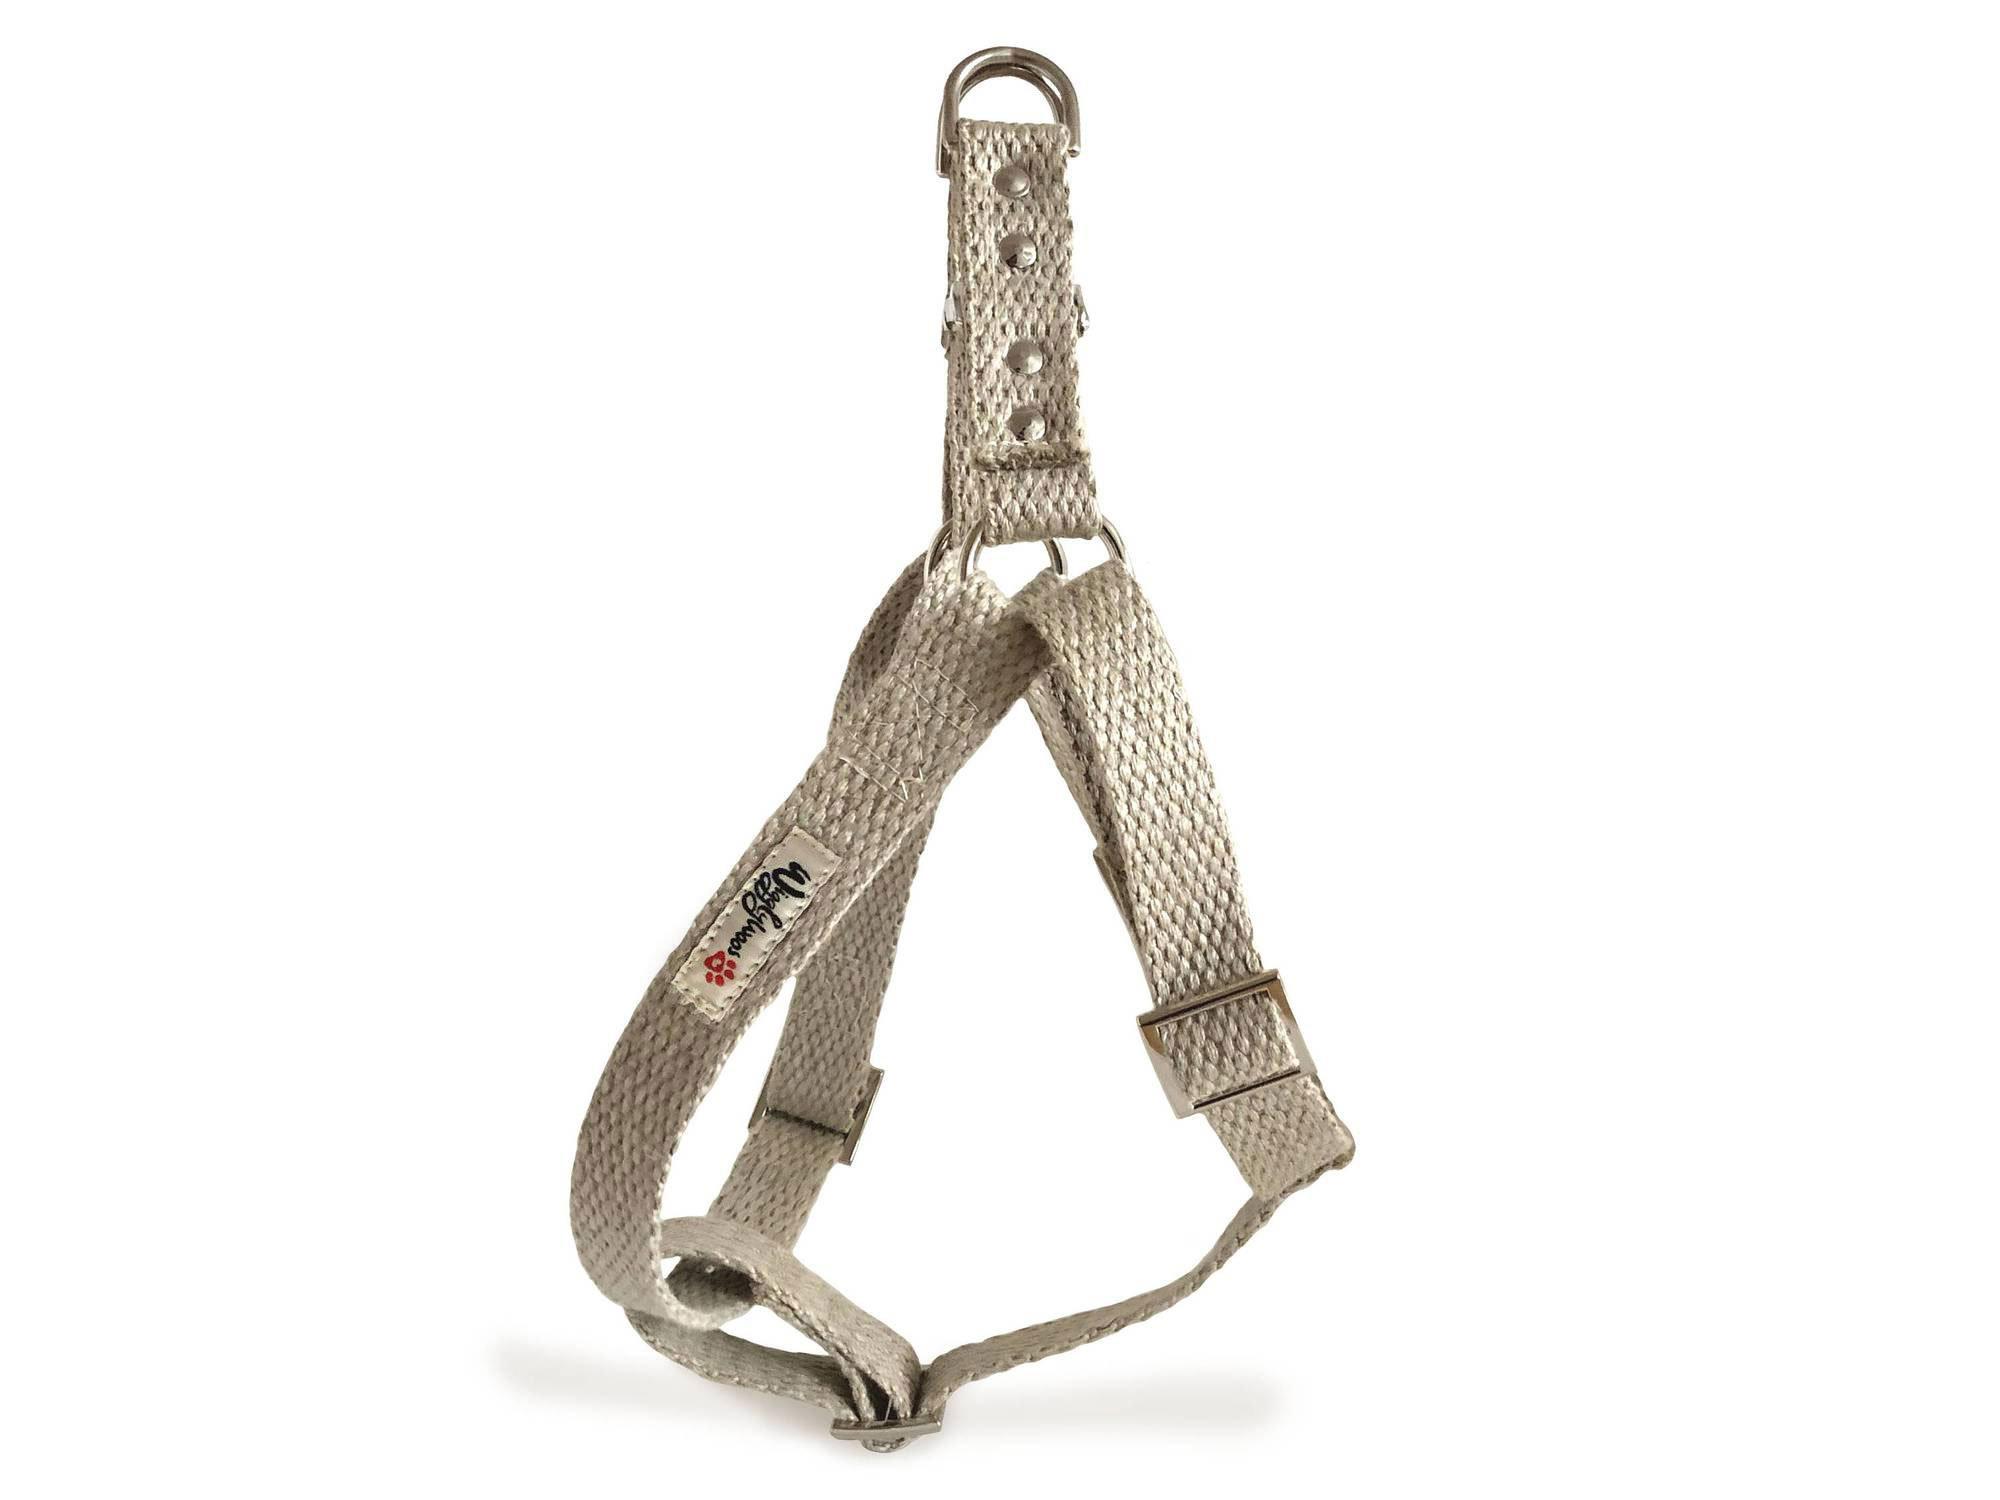 Hemp harness